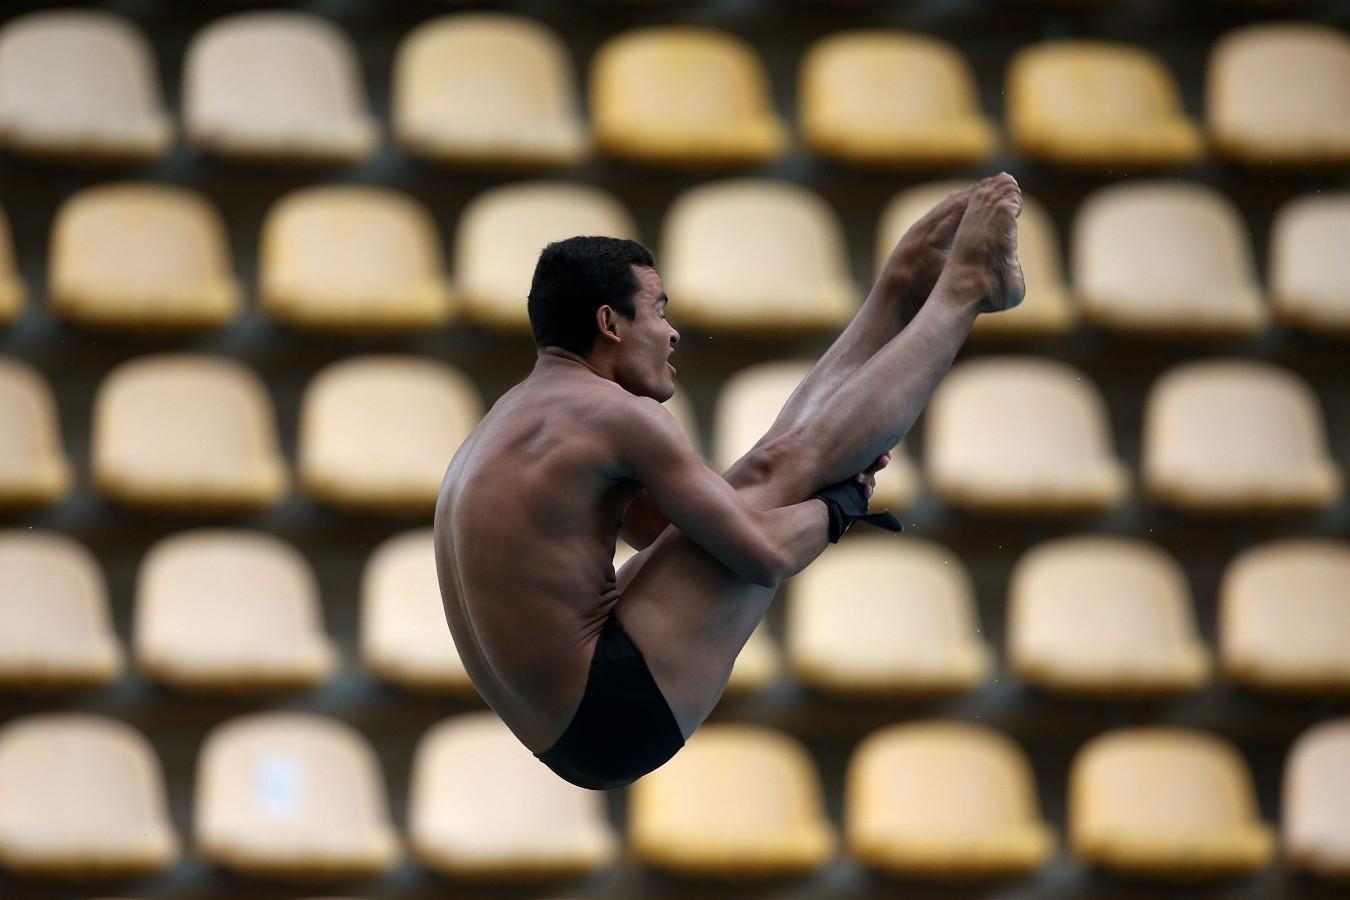 Trampolim de 3 metros. Trofeu Brasil de Saltos Ornamentais. 18 de maio de 2017, Rio de Janeiro, RJ. Foto: Satiro Sodré/SSPress/CBDA